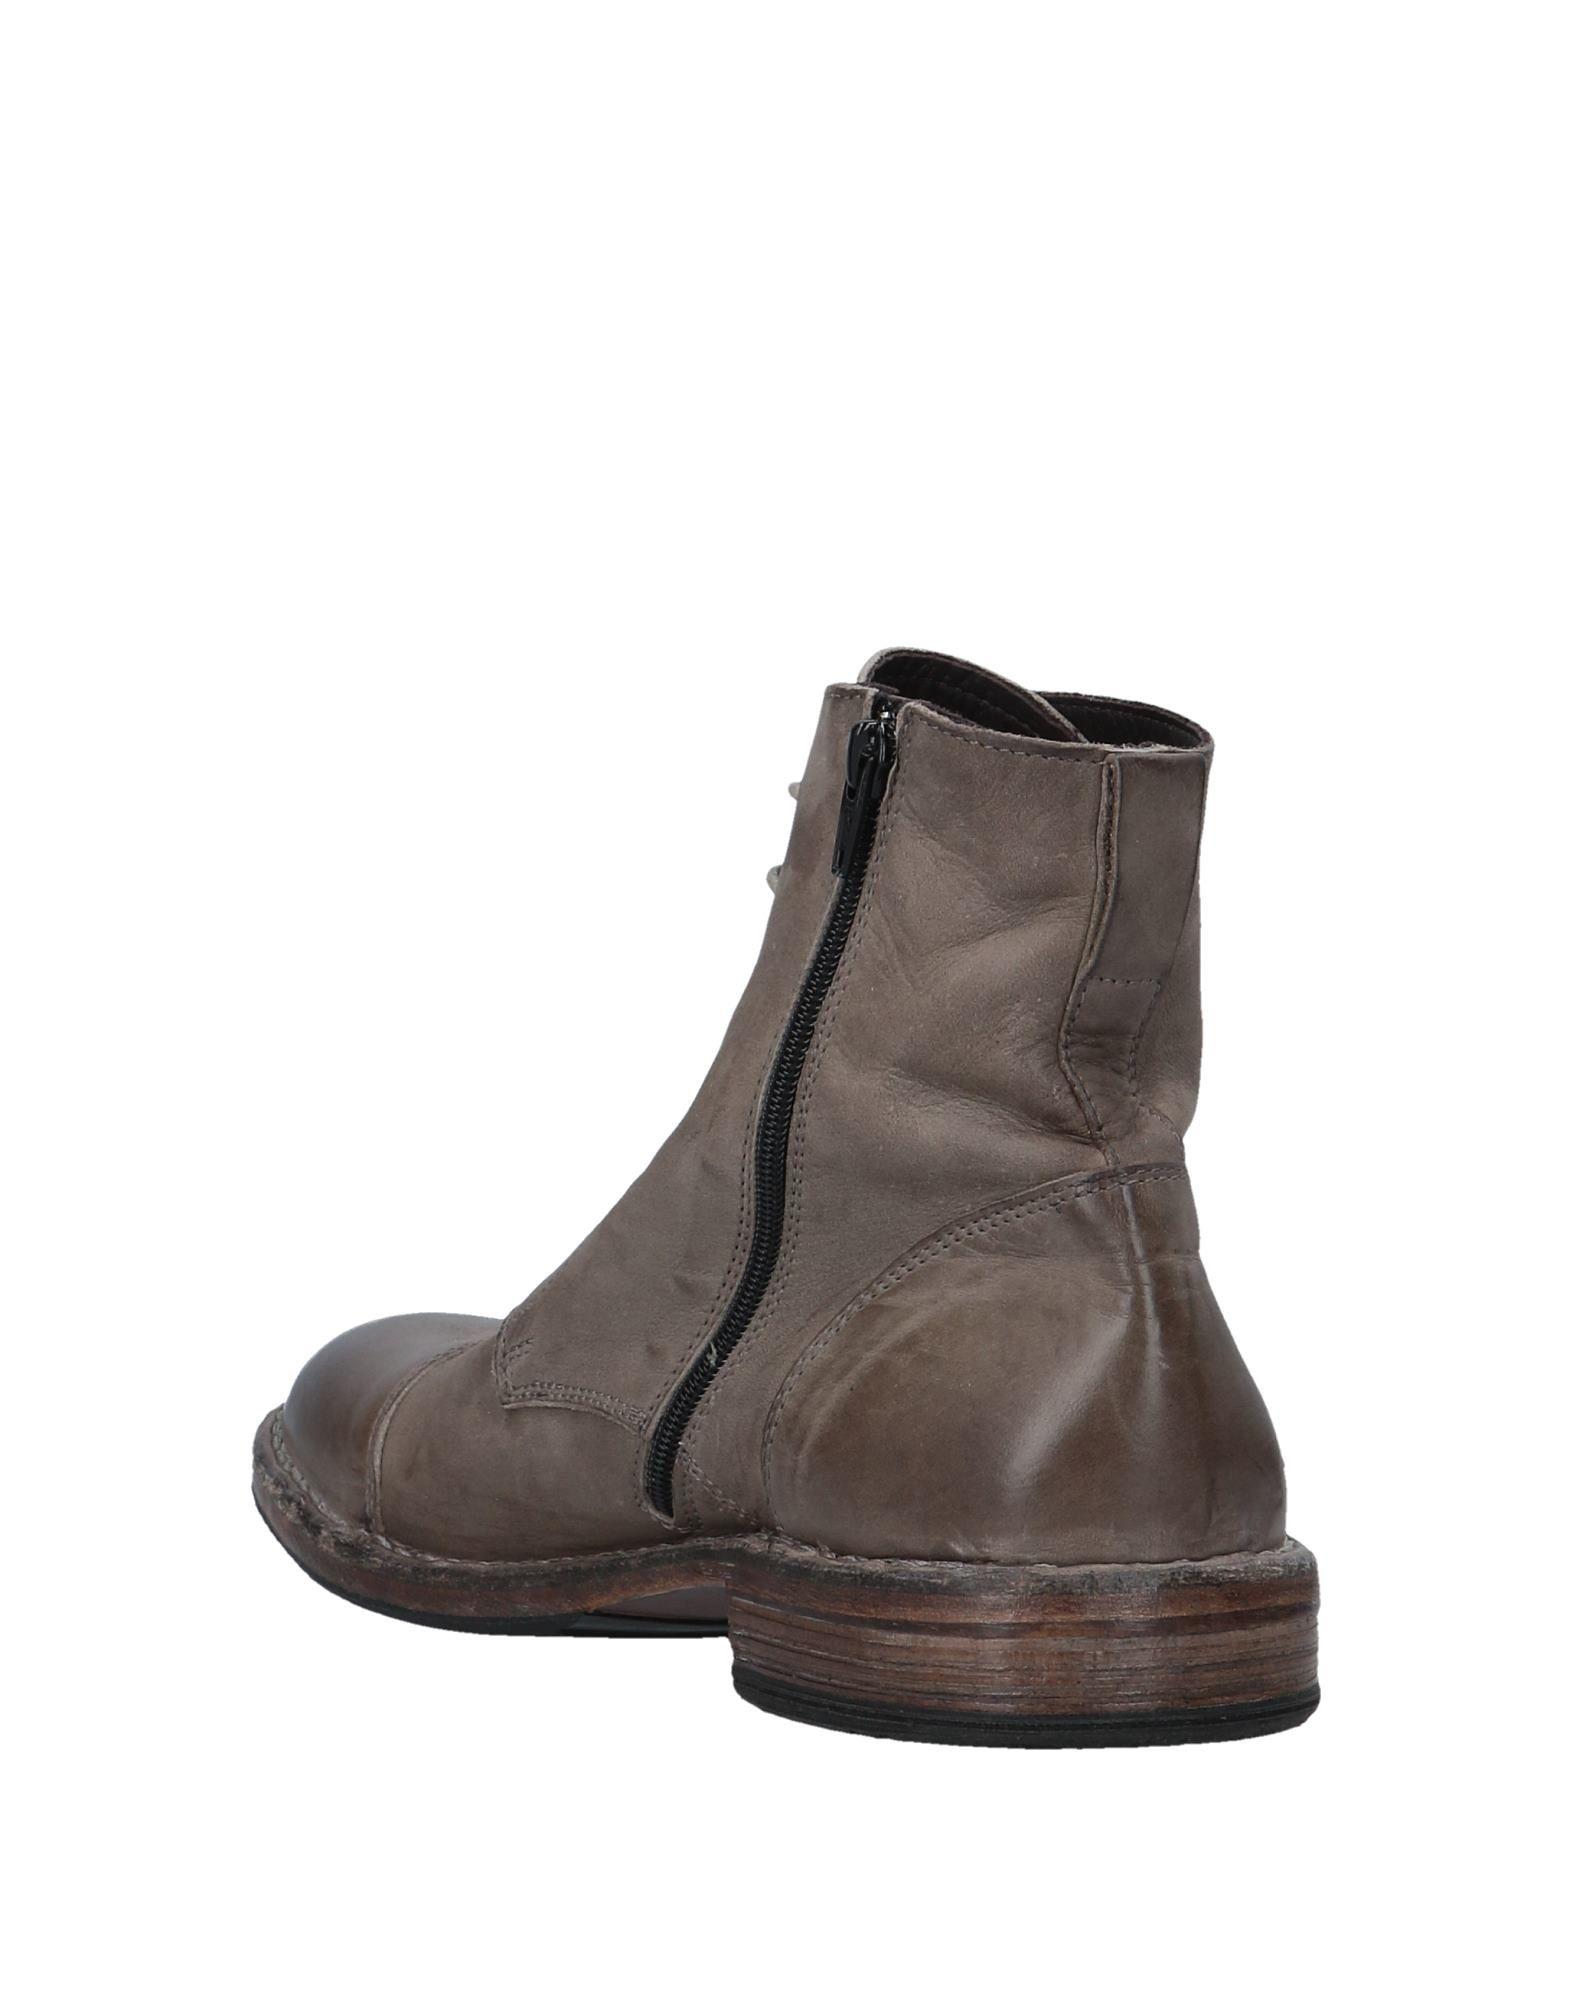 Moma Stiefelette Gute Herren  11538127HD Gute Stiefelette Qualität beliebte Schuhe c5a0d2